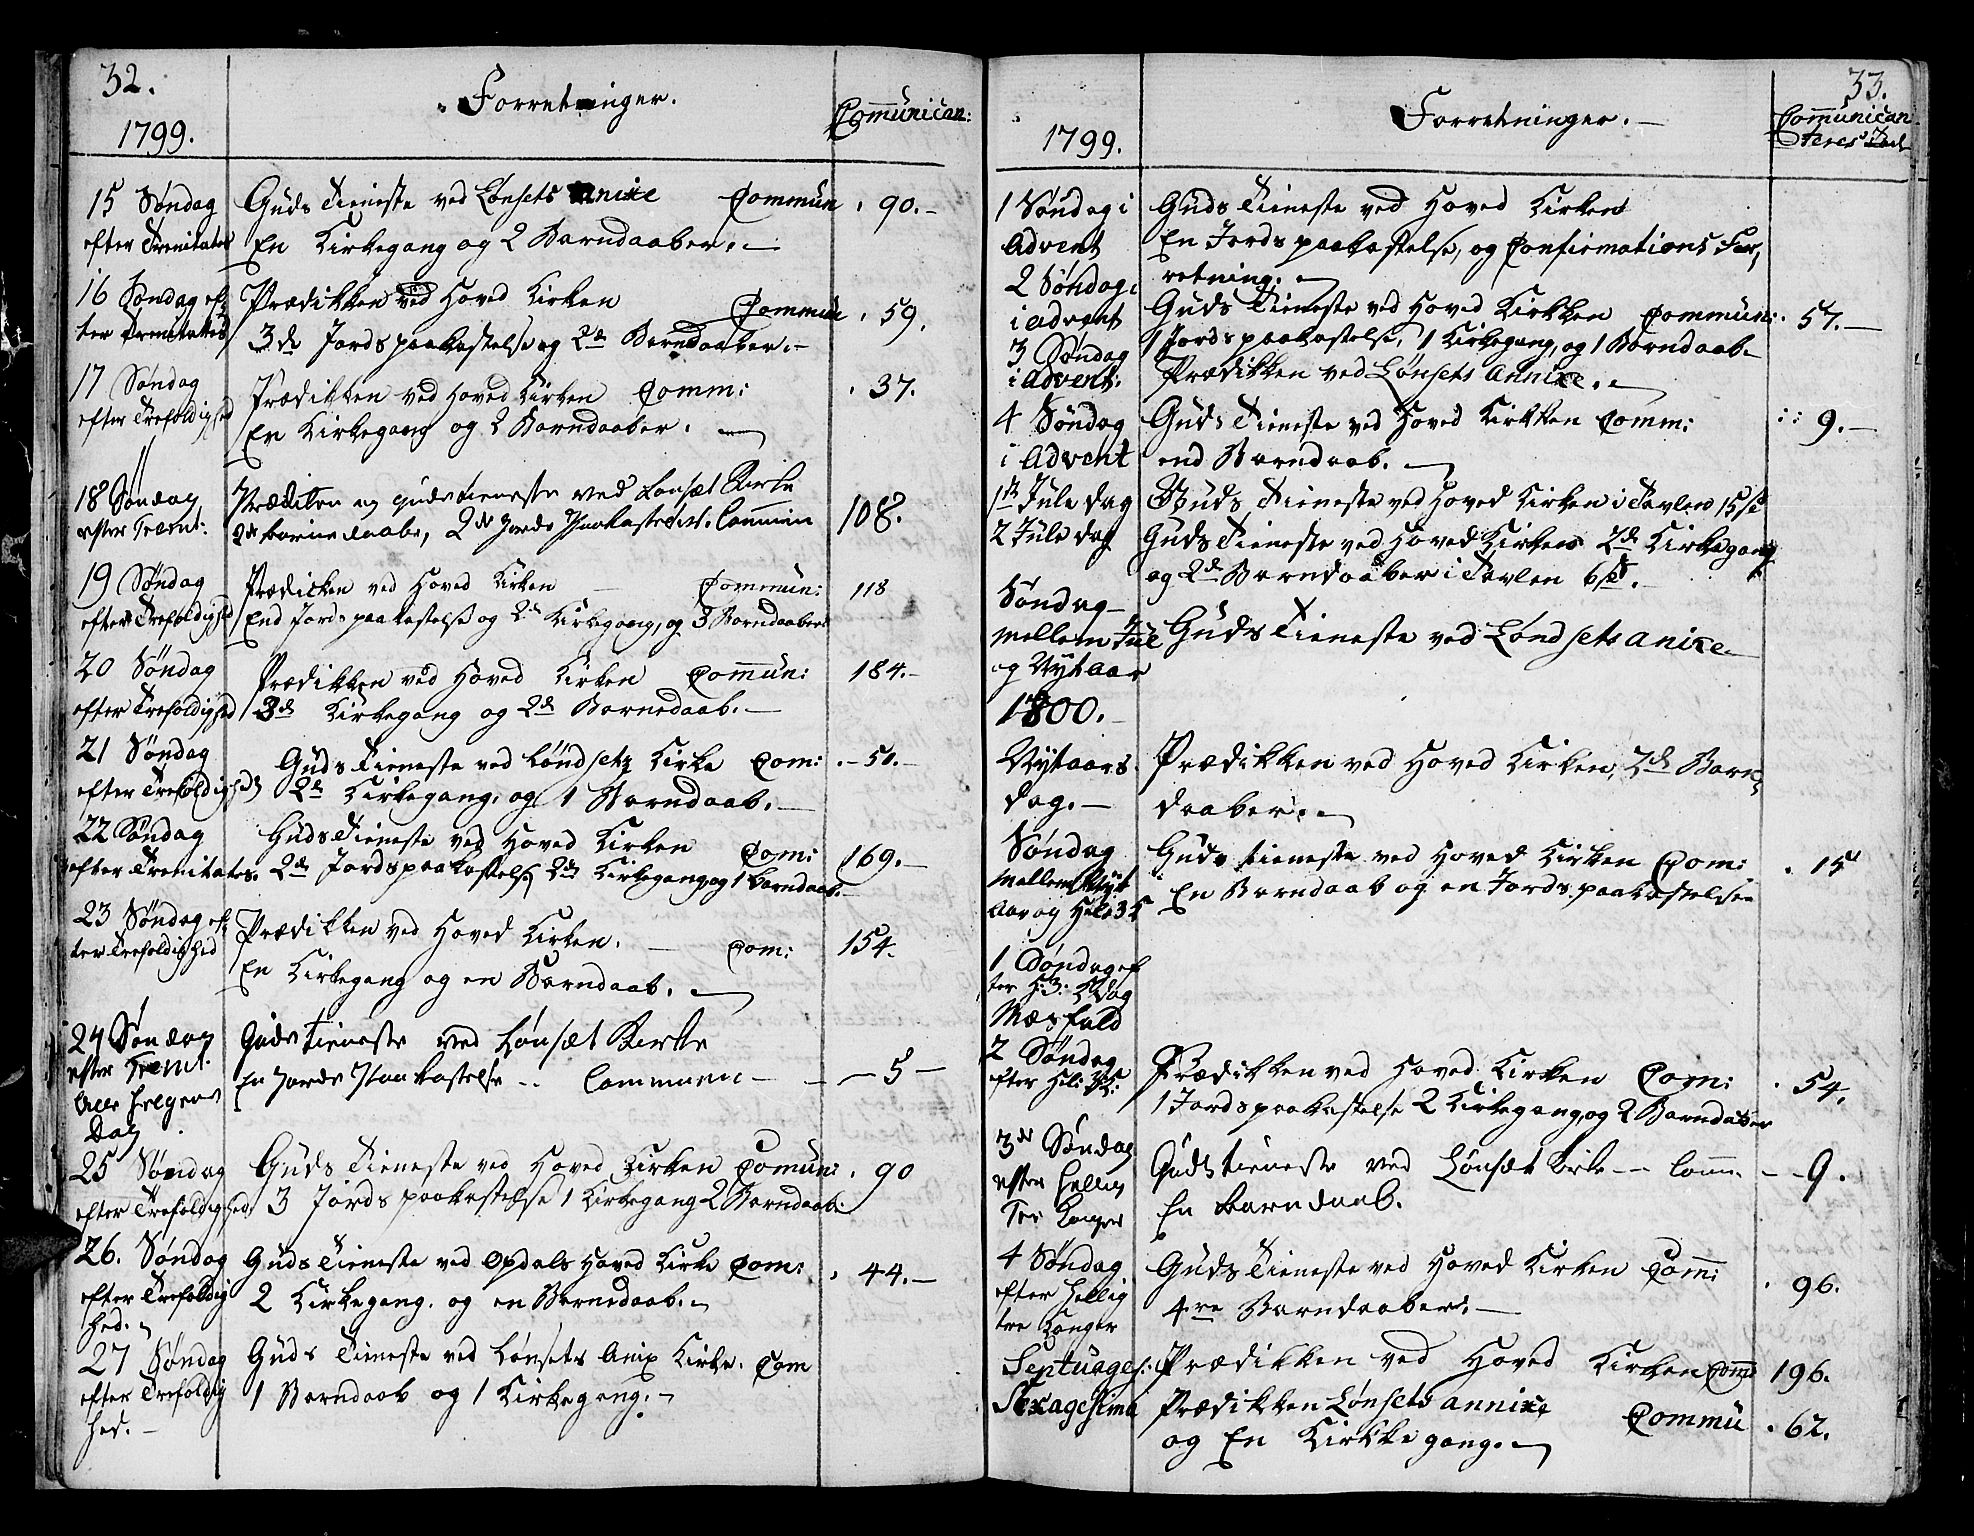 SAT, Ministerialprotokoller, klokkerbøker og fødselsregistre - Sør-Trøndelag, 678/L0893: Ministerialbok nr. 678A03, 1792-1805, s. 32-33